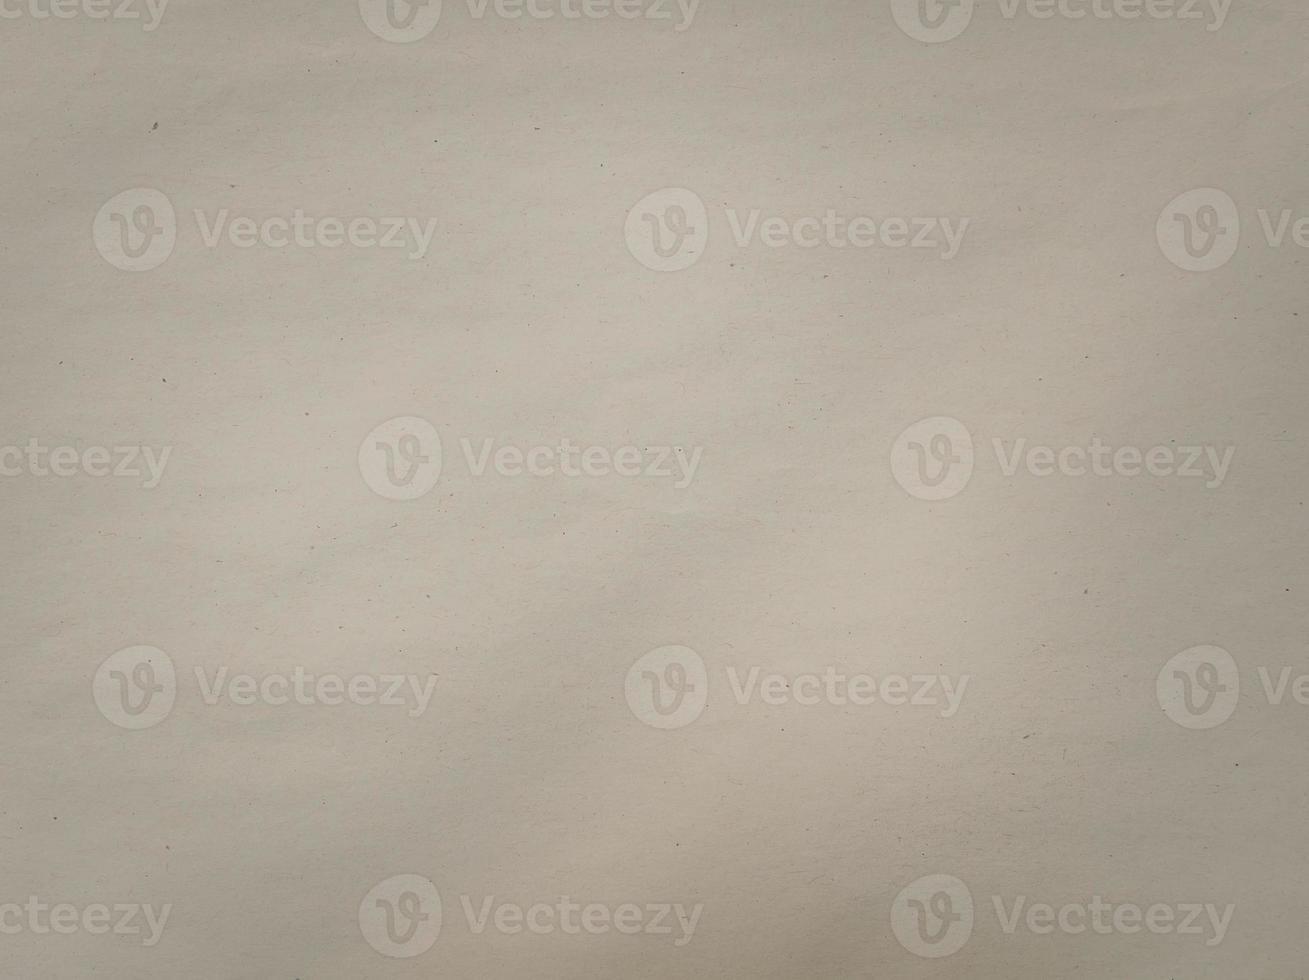 papier textuur foto